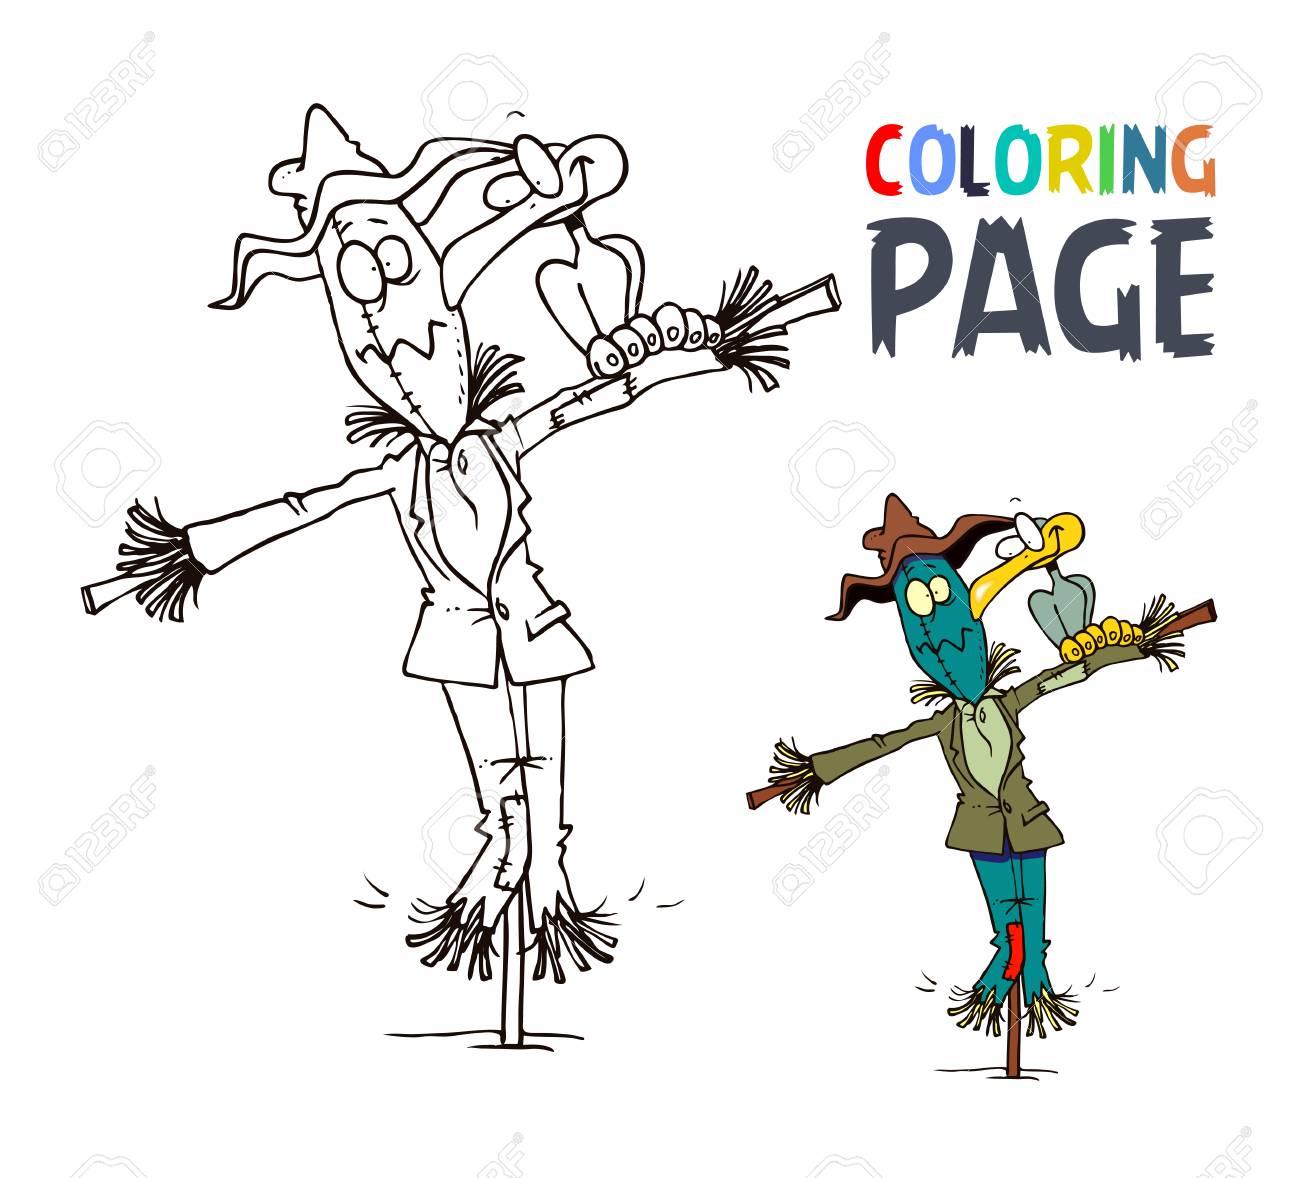 Dibujo De Espantapájaros Y Dibujos De Aves Para Colorear ...